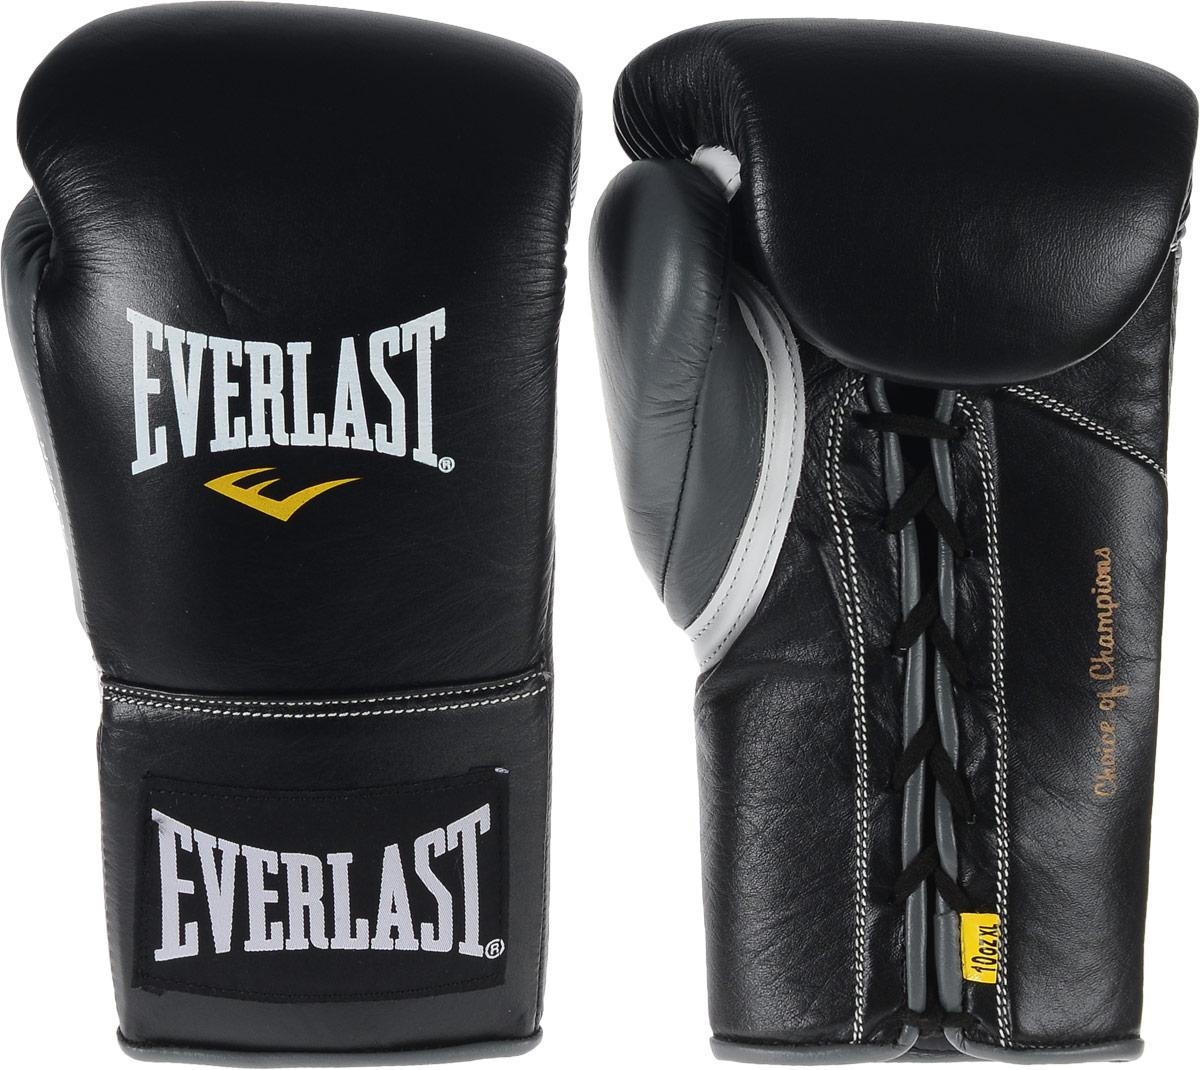 Перчатки боевые Everlast Powerlock, цвет: черный, серый. Вес 10 унций. Размер XLBGG-2018Боевые перчатки на шнуровке Everlast Powerlock изготавливаются из натуральной кожи премиум класса, выдерживающей длительные нагрузки. Благодаря пенному наполнителю, выложенному по технологии Powerlock, обеспечивается идеальный баланс между силой удара и защитой от травм. Эргономический дизайн перчатки позволяет руке принимать правильную и удобную форму кулака, делая удар быстрым и безопасным одновременно. Предназначены для профессиональных боев.